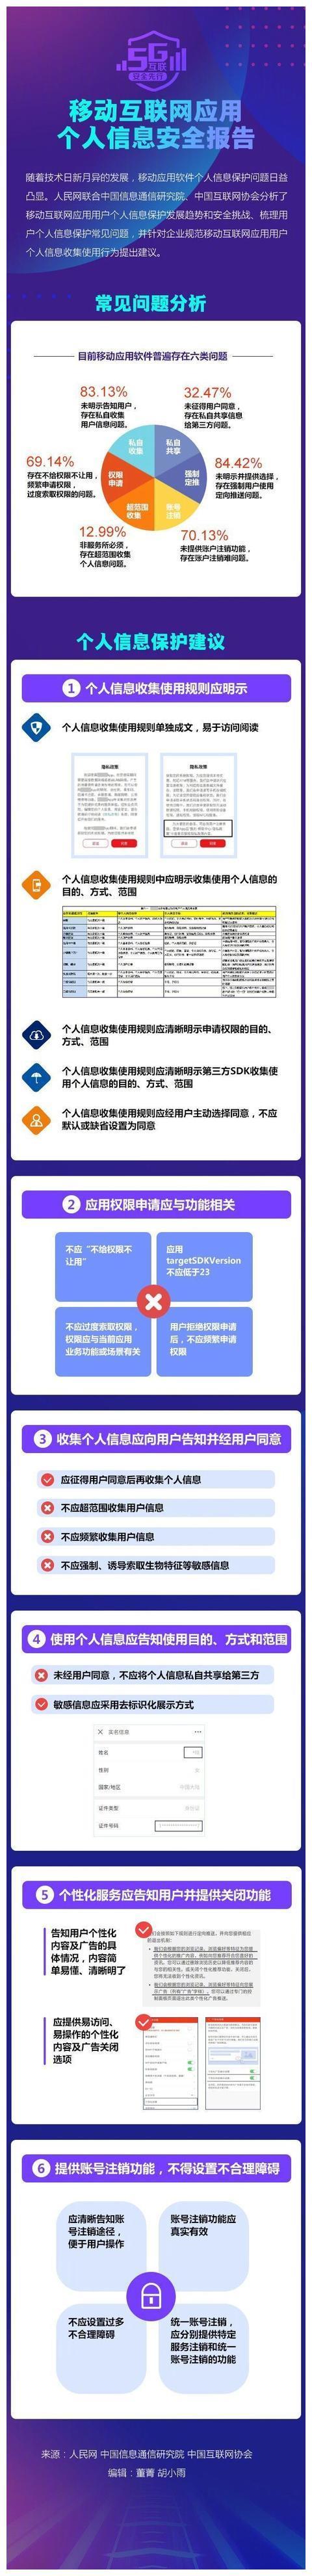 人民网:移动互联网应用个人信息安全报告正式发布